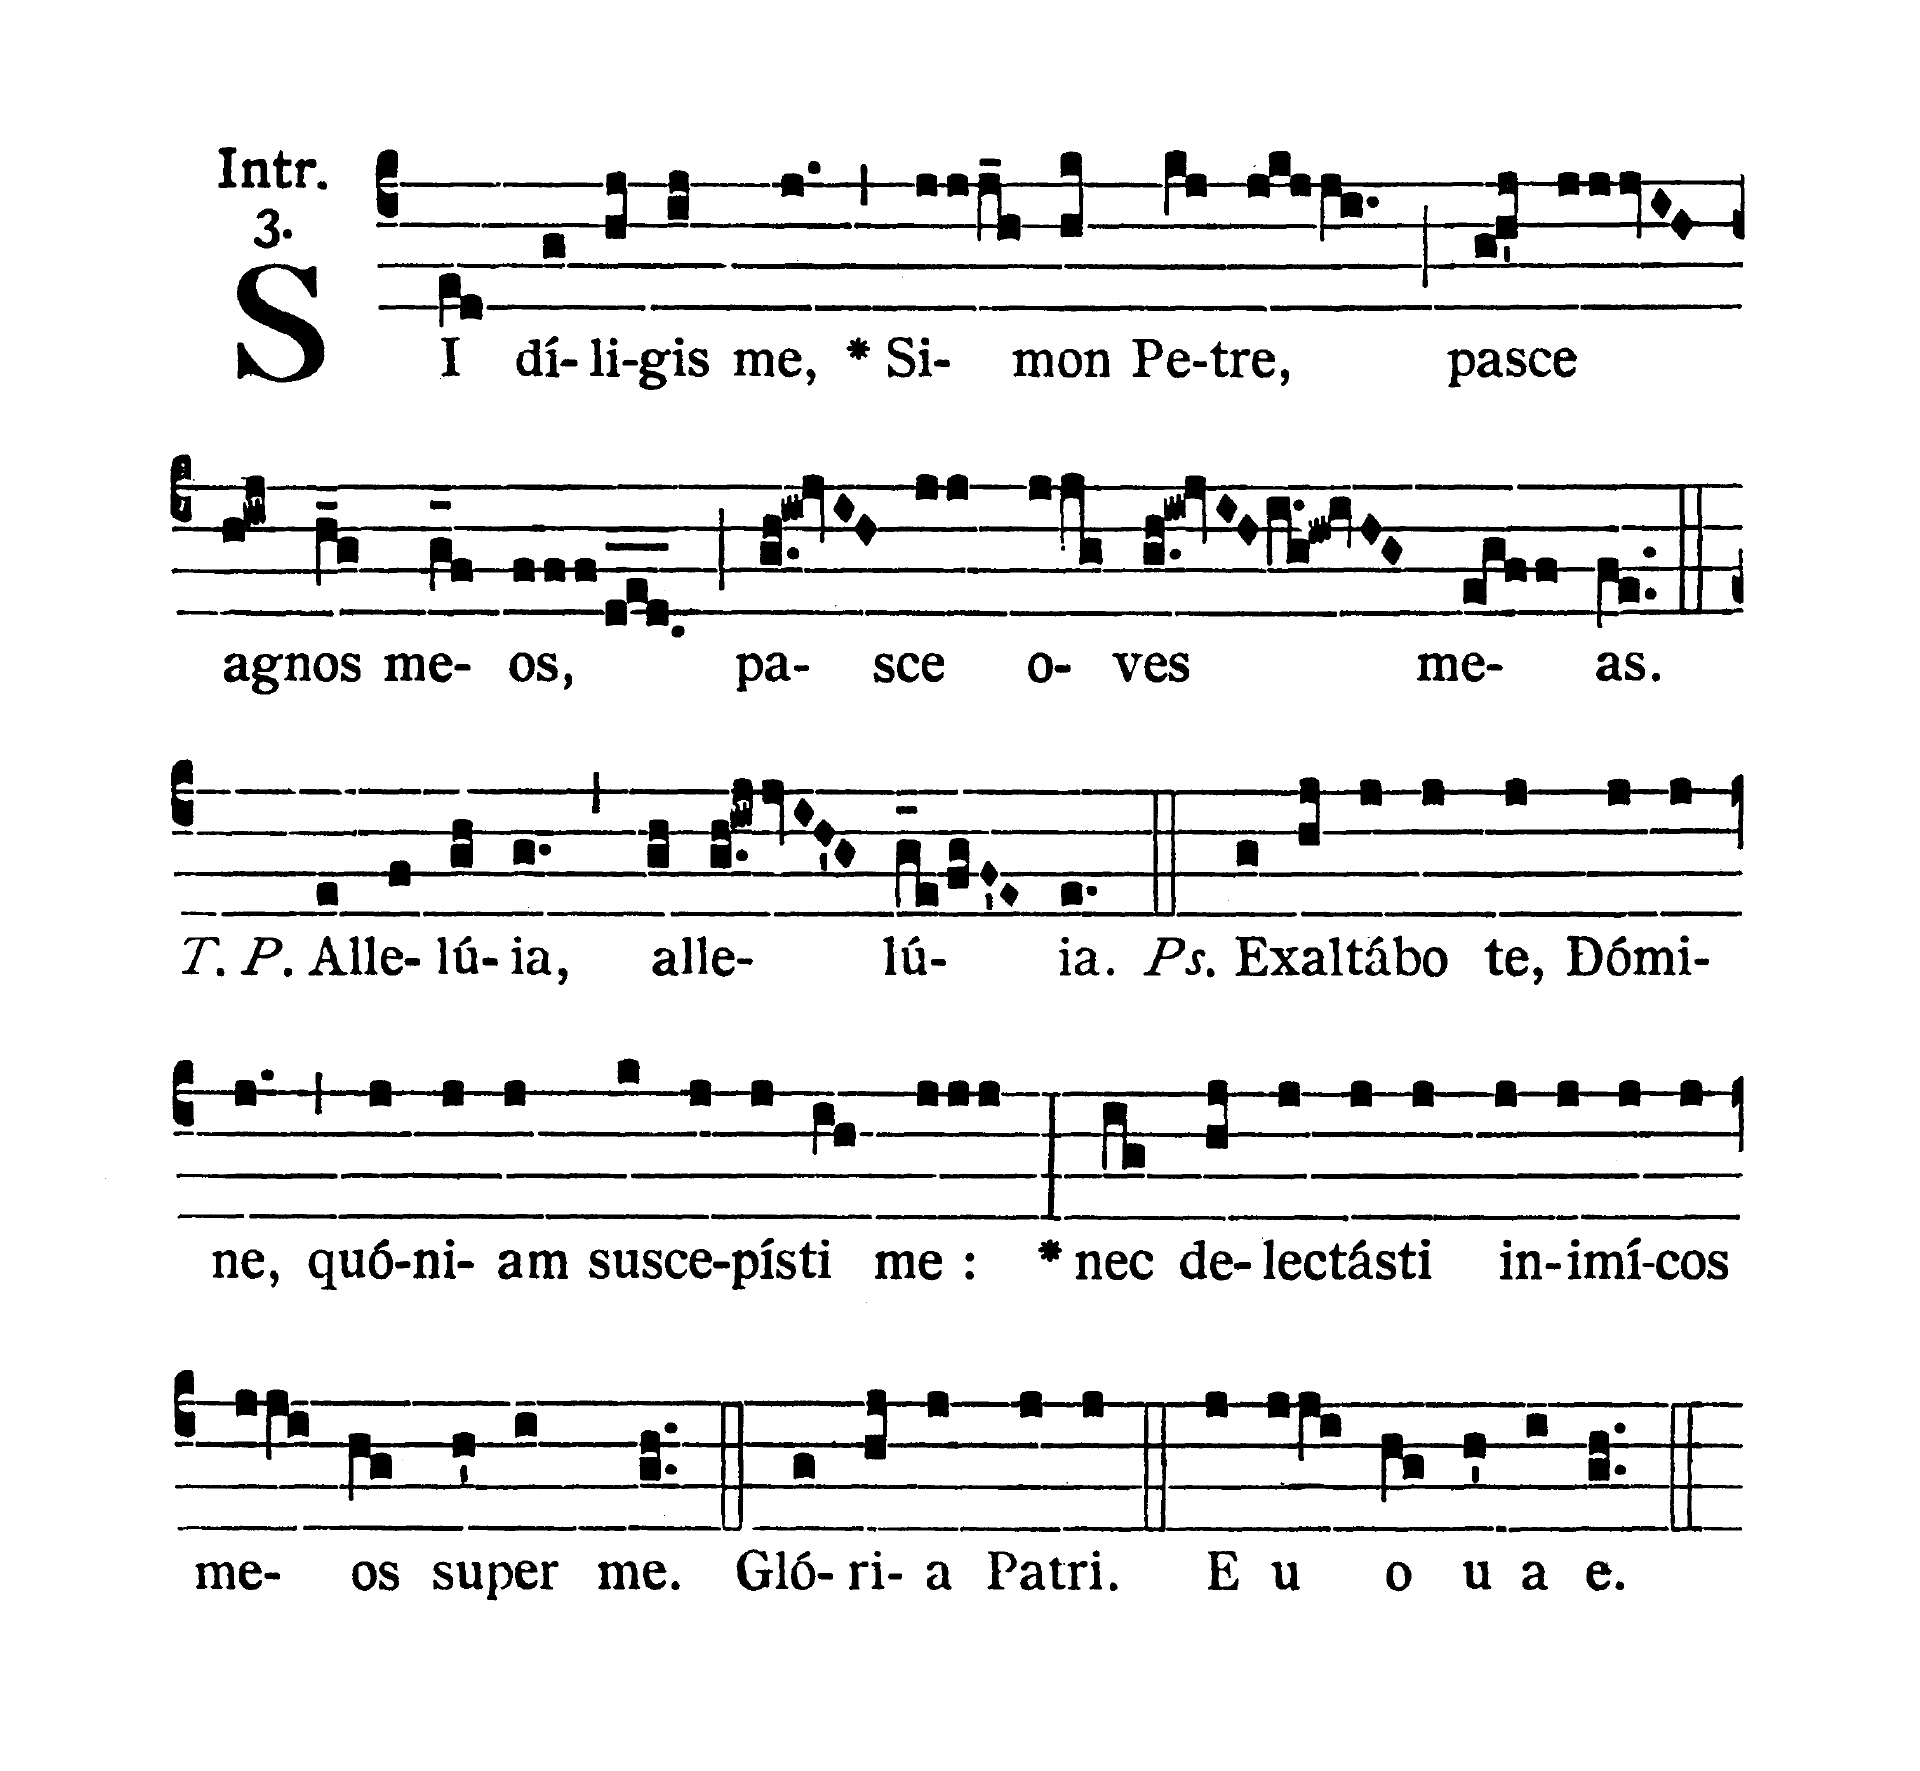 Sancti Telesphori Papae et Martyris (Świętego Telesfora Papieża i Męczennika) - Introitus (Si diligis me)